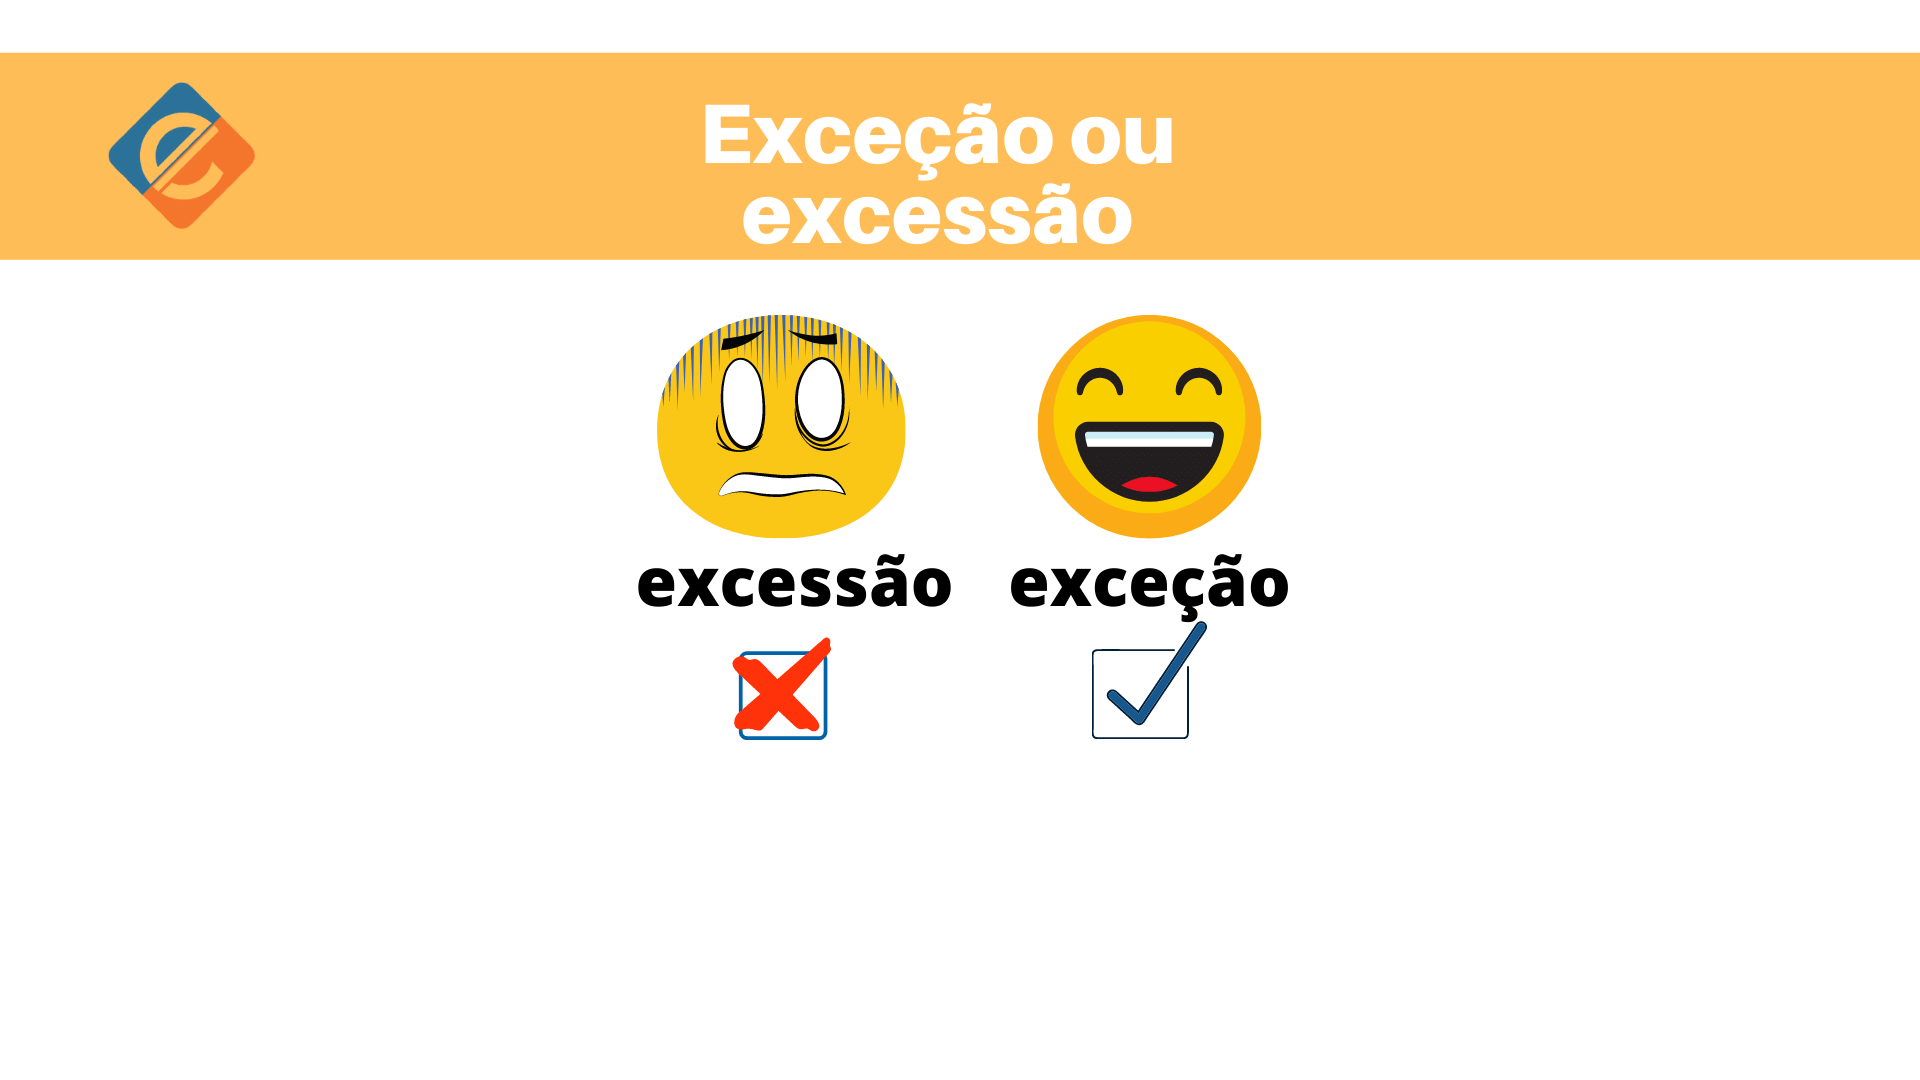 Exceção ou excessão